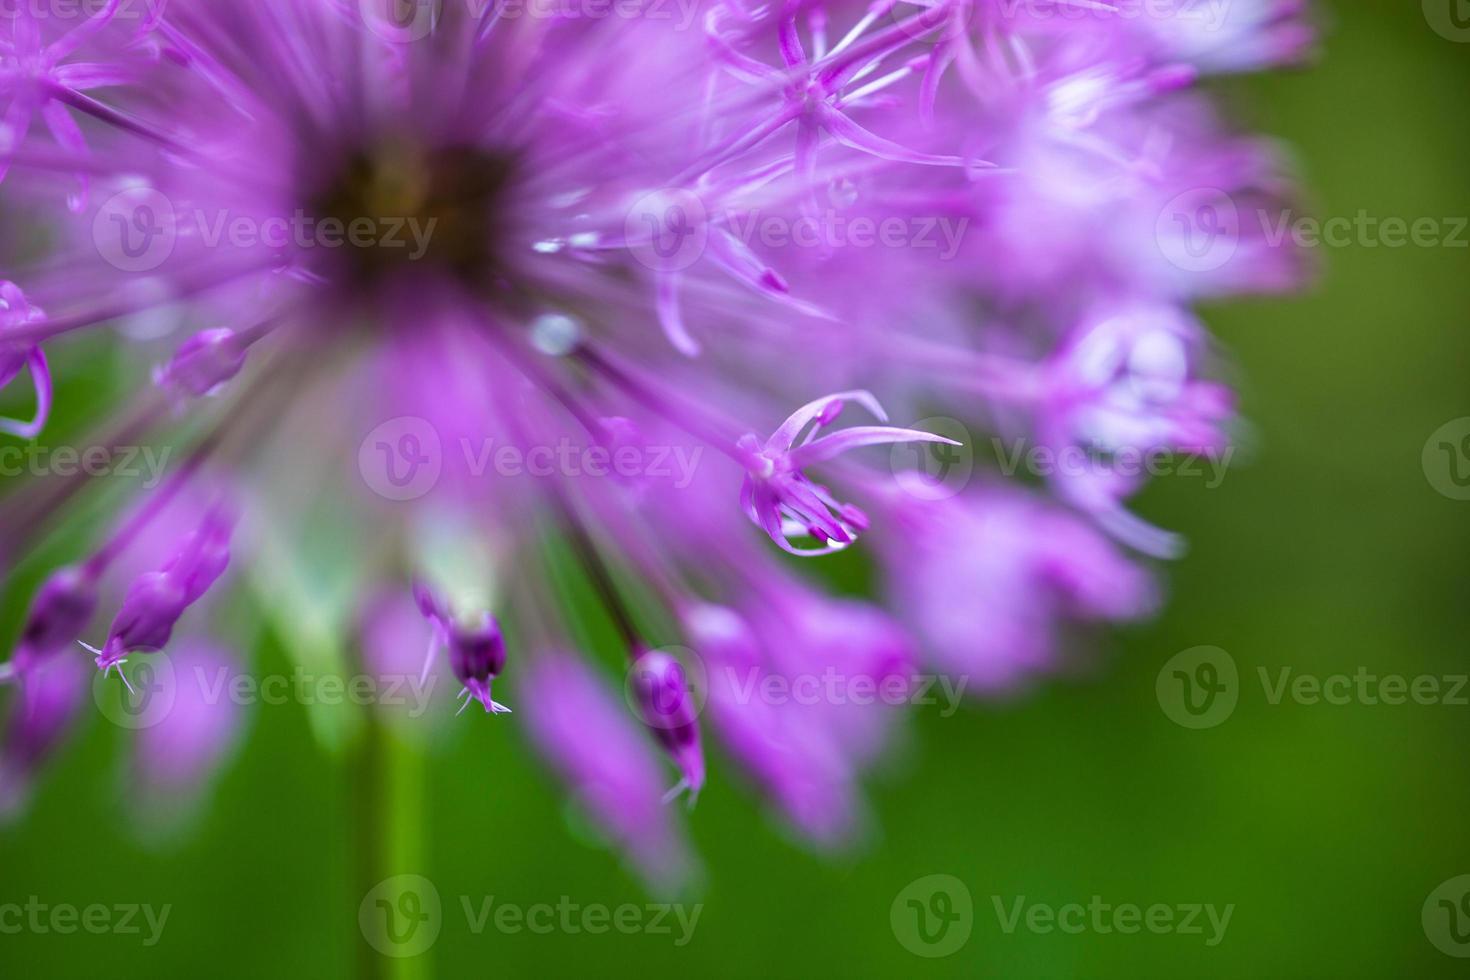 bloeiende sierui (allium) foto